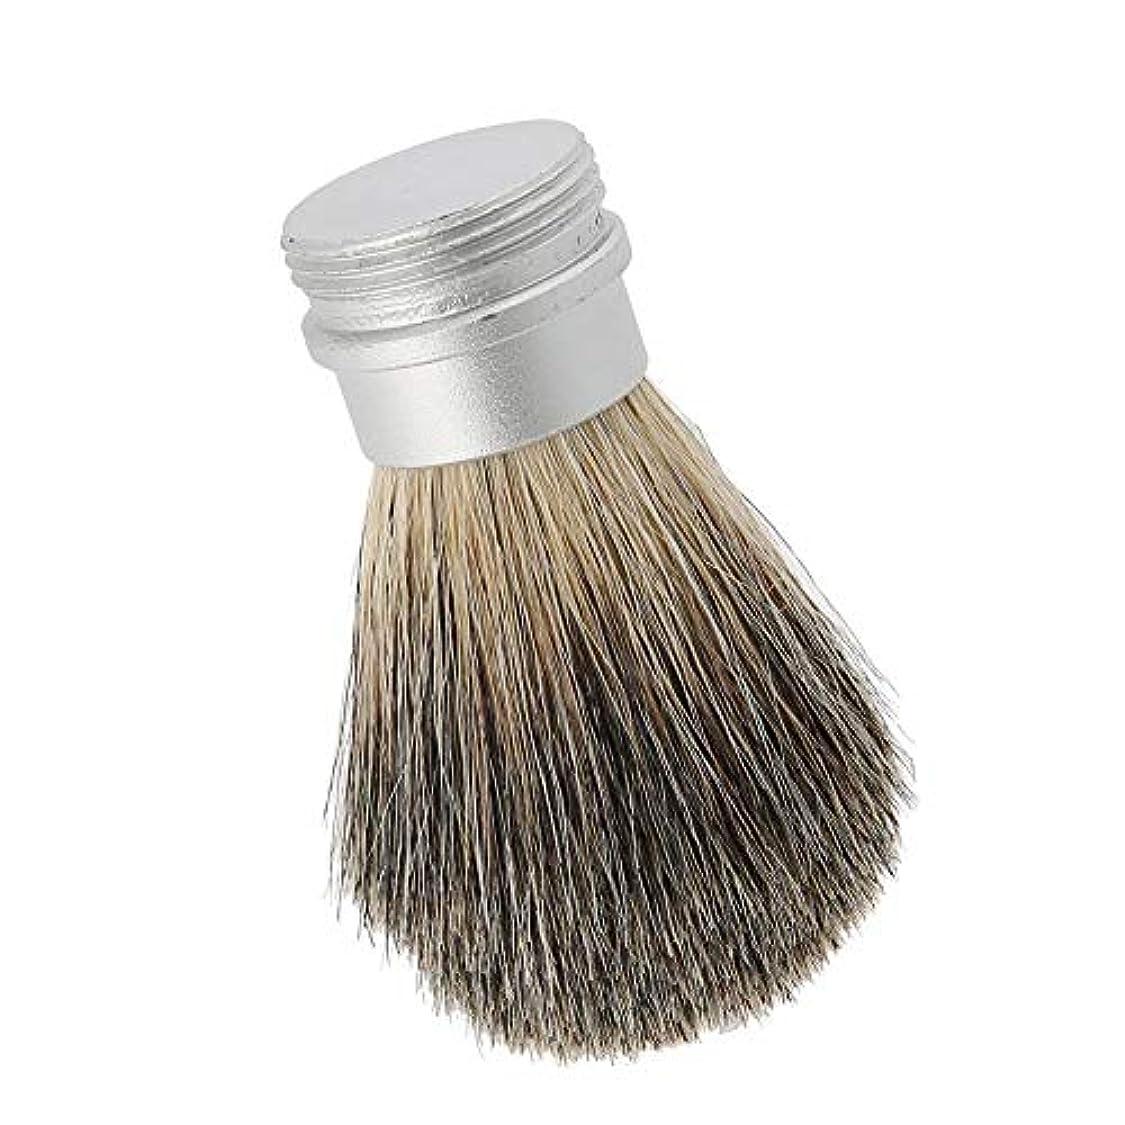 シリンダーキリスト教暗いひげブラシひげ剃りツールポータブルひげブラシ男性のための最高のヘアブラシ口ひげブラシ